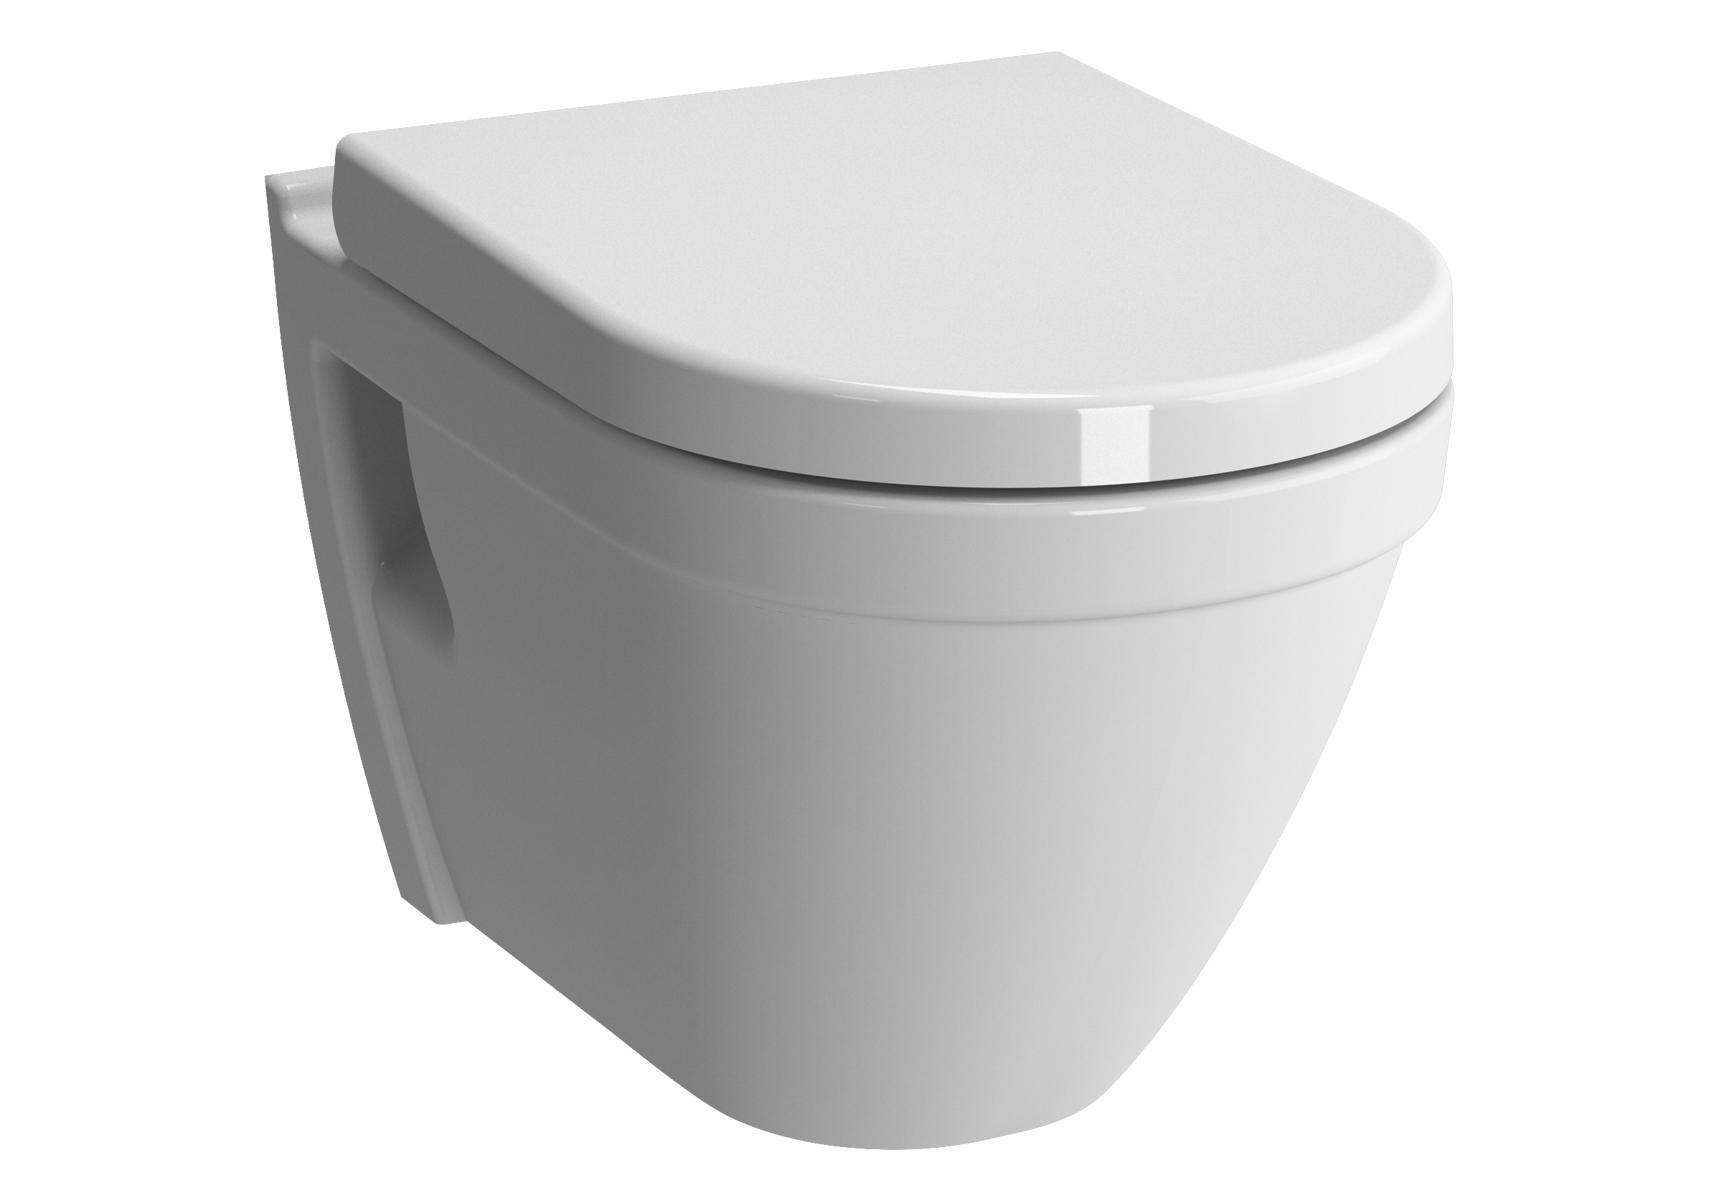 S50 WC suspendu, avec fonction bidet, 52 cm, avec fixation latéral